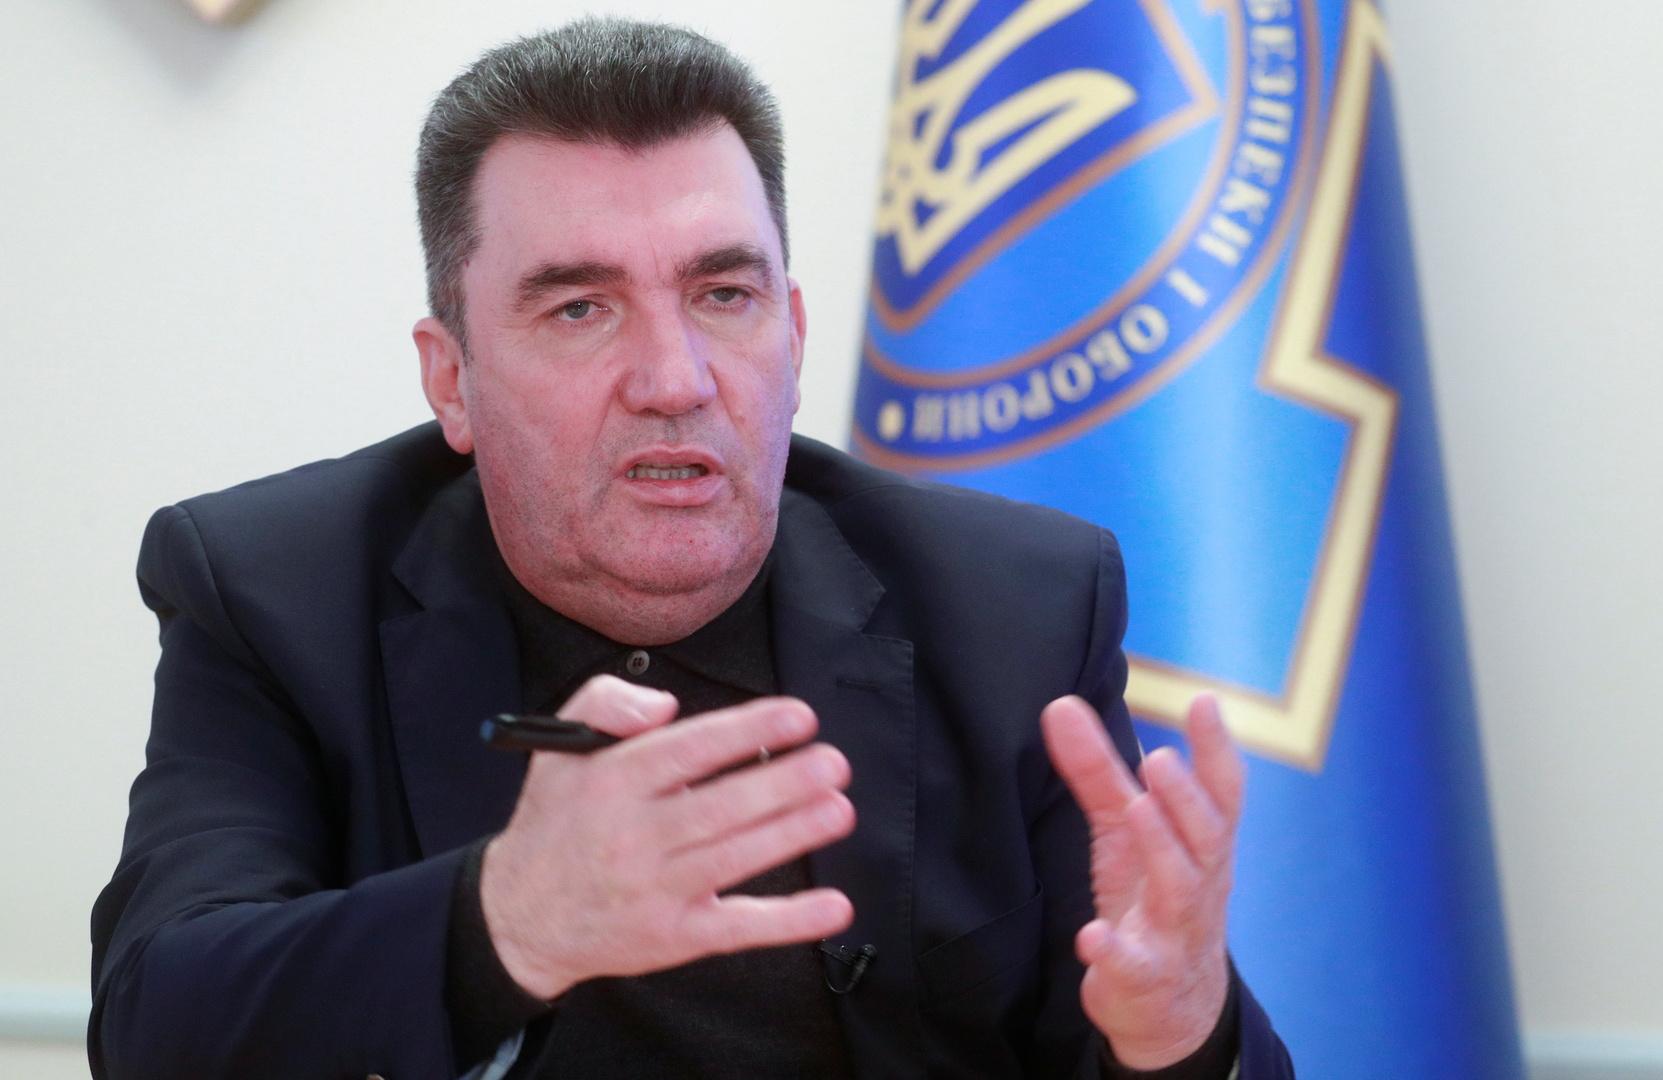 بلينكن يتفق مع الناتو على ضرورة إنهاء الحشد العسكري الروسي على حدود أوكرانيا